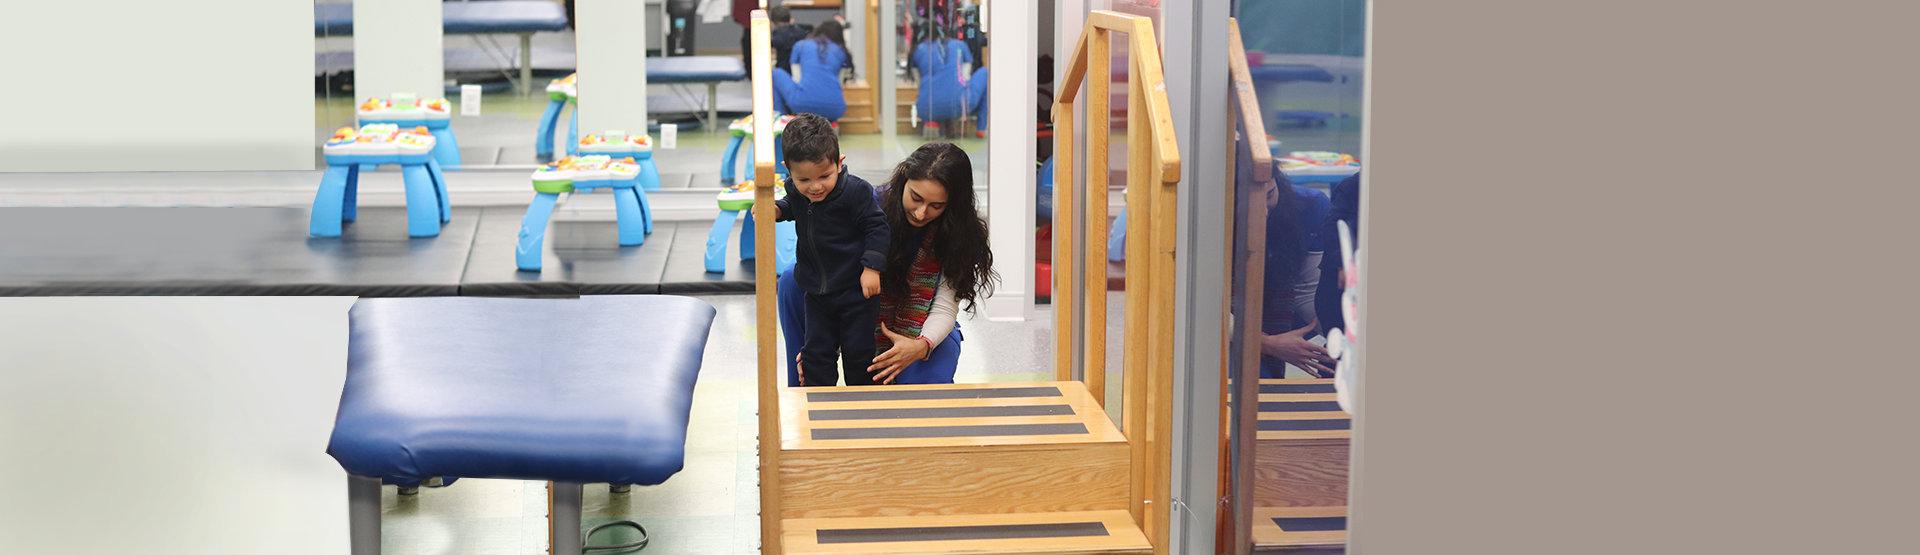 teacher guiding a little boy in walking